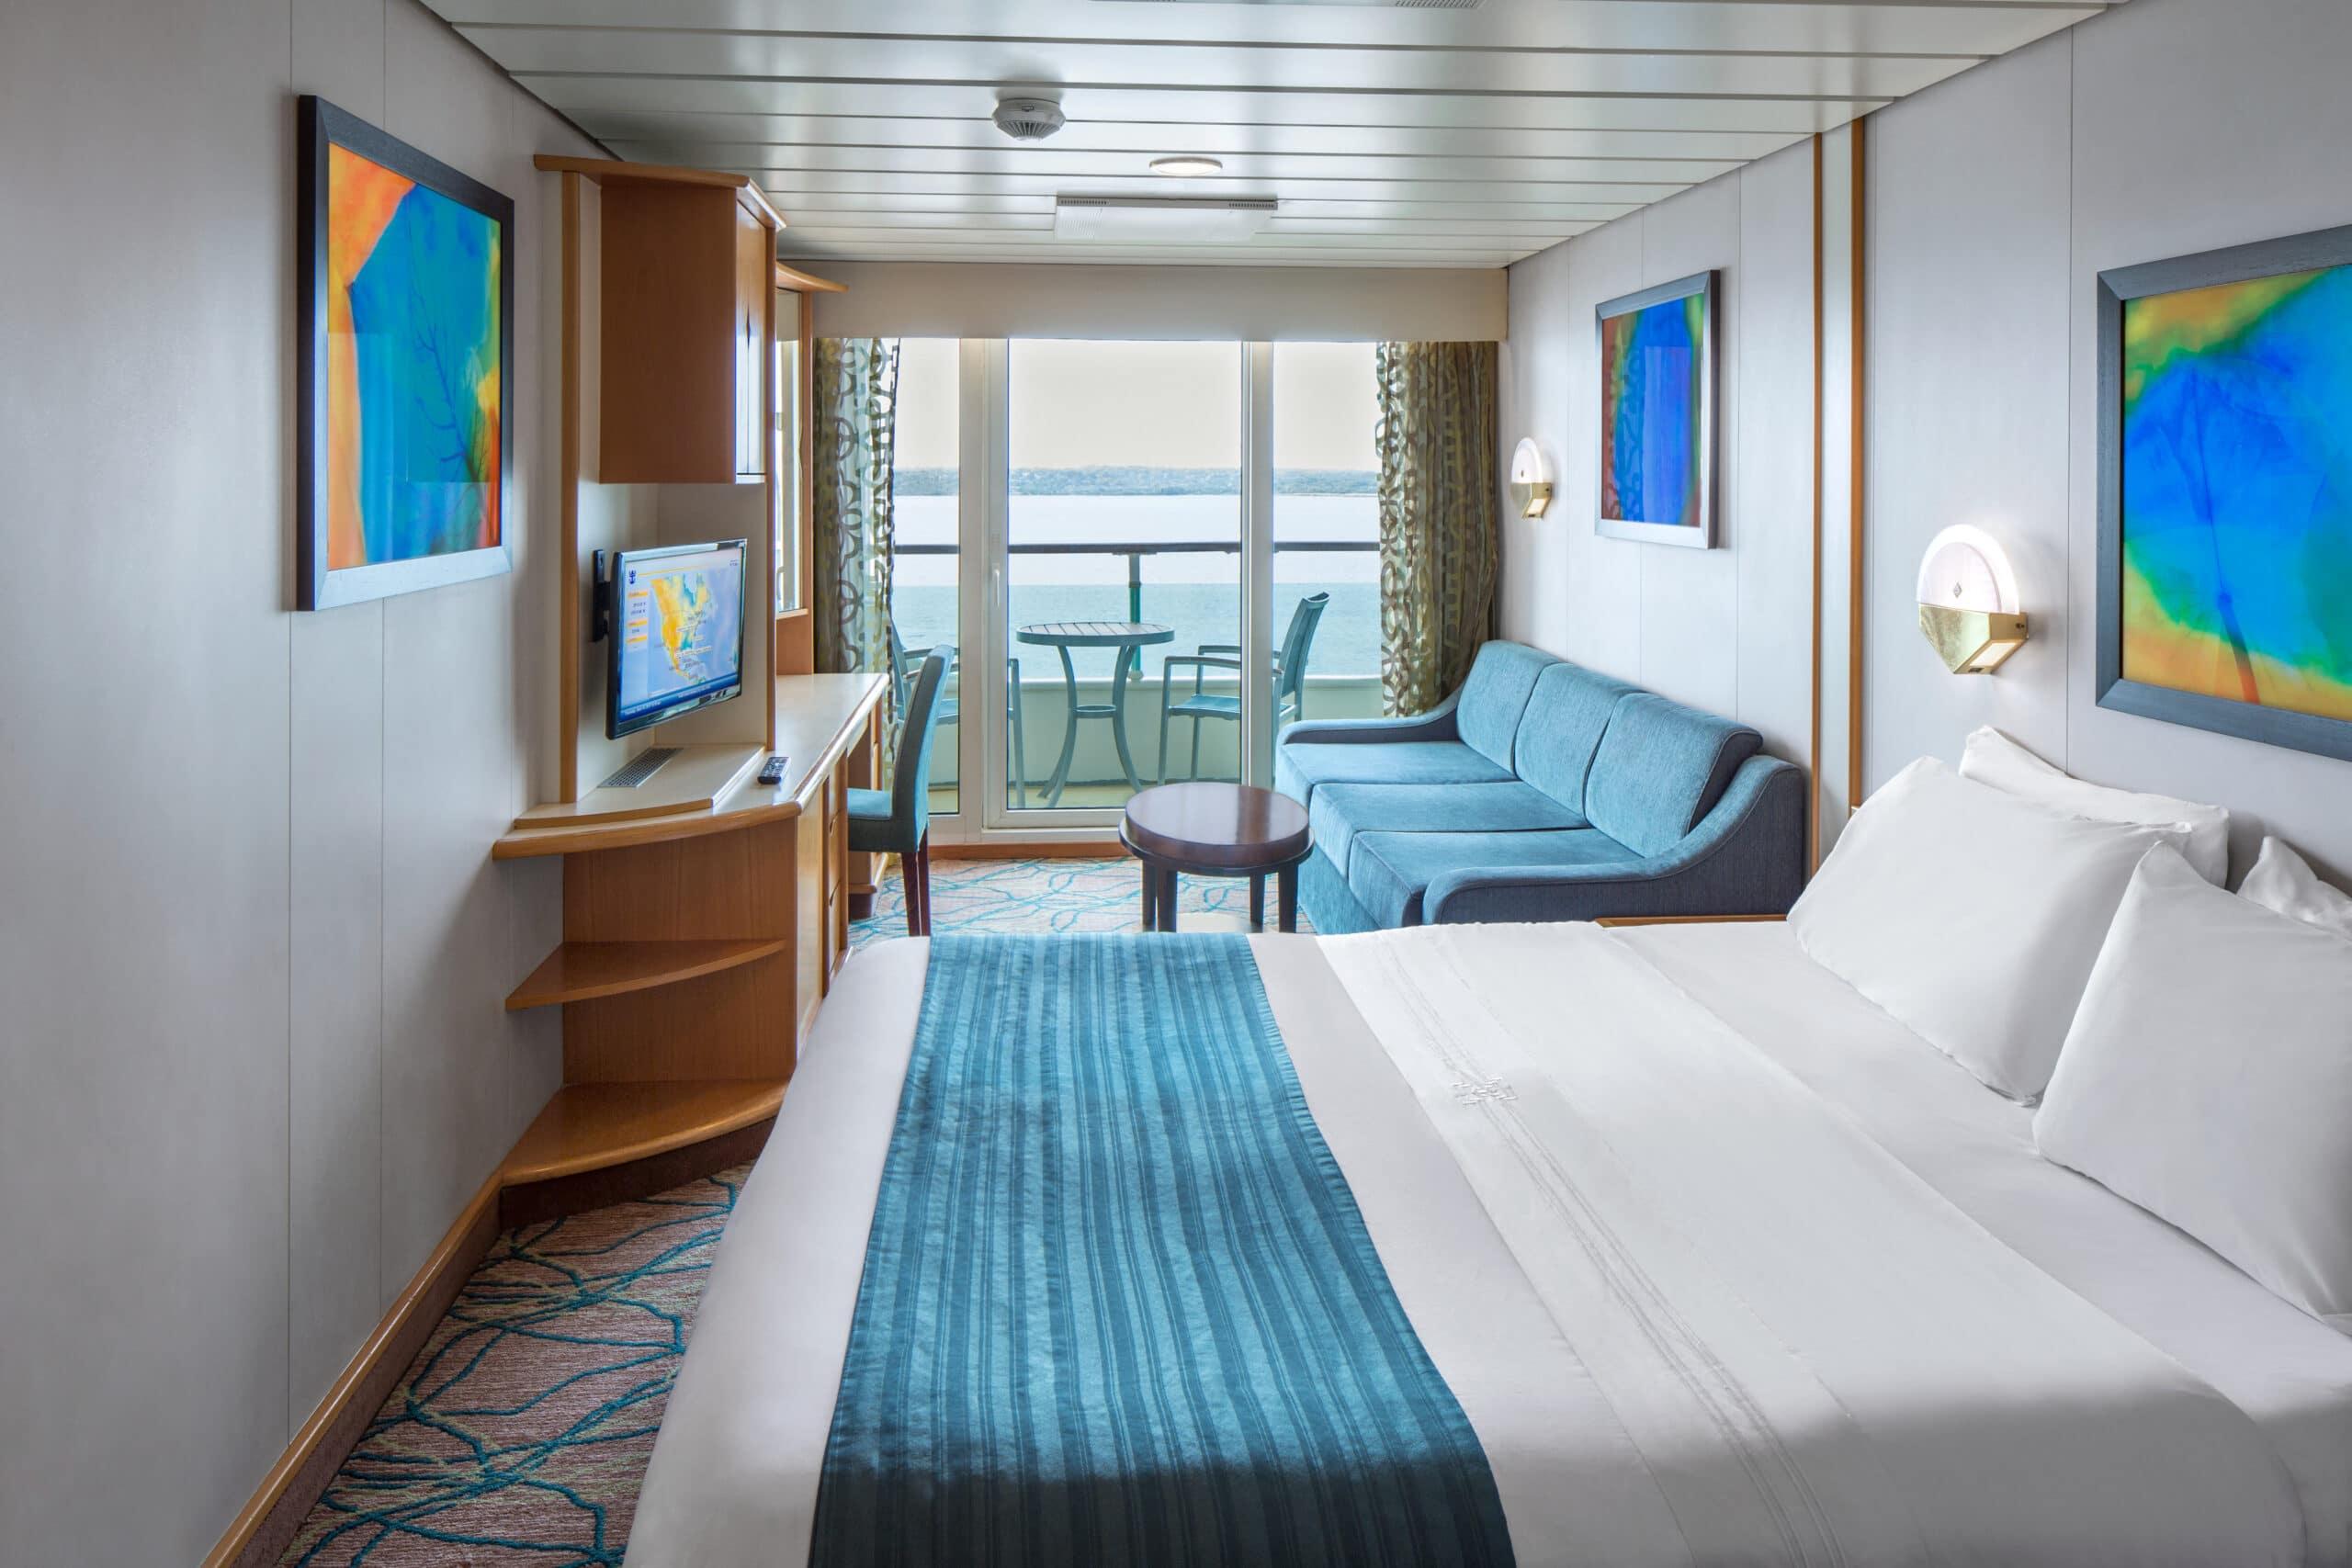 Royal-Caribbean-International-Vision-of-the-Seas-schip-cruiseschip-categorie-1b-2b-3b-4b-ruime-balkonhut